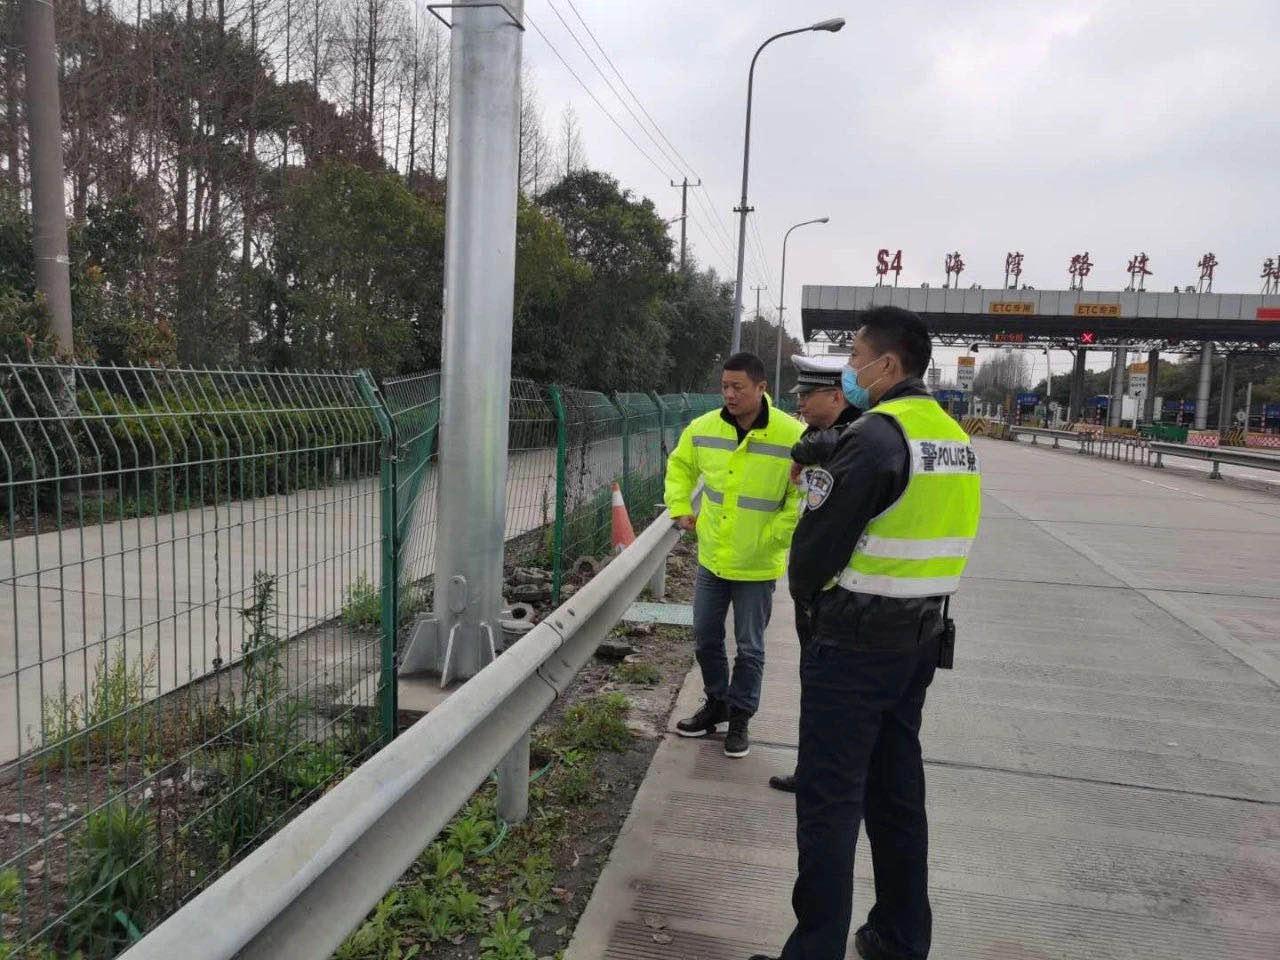 擅闯高速公路,上海近期5名行人被撞身亡!还有人毁坏隔离栏开荒种地